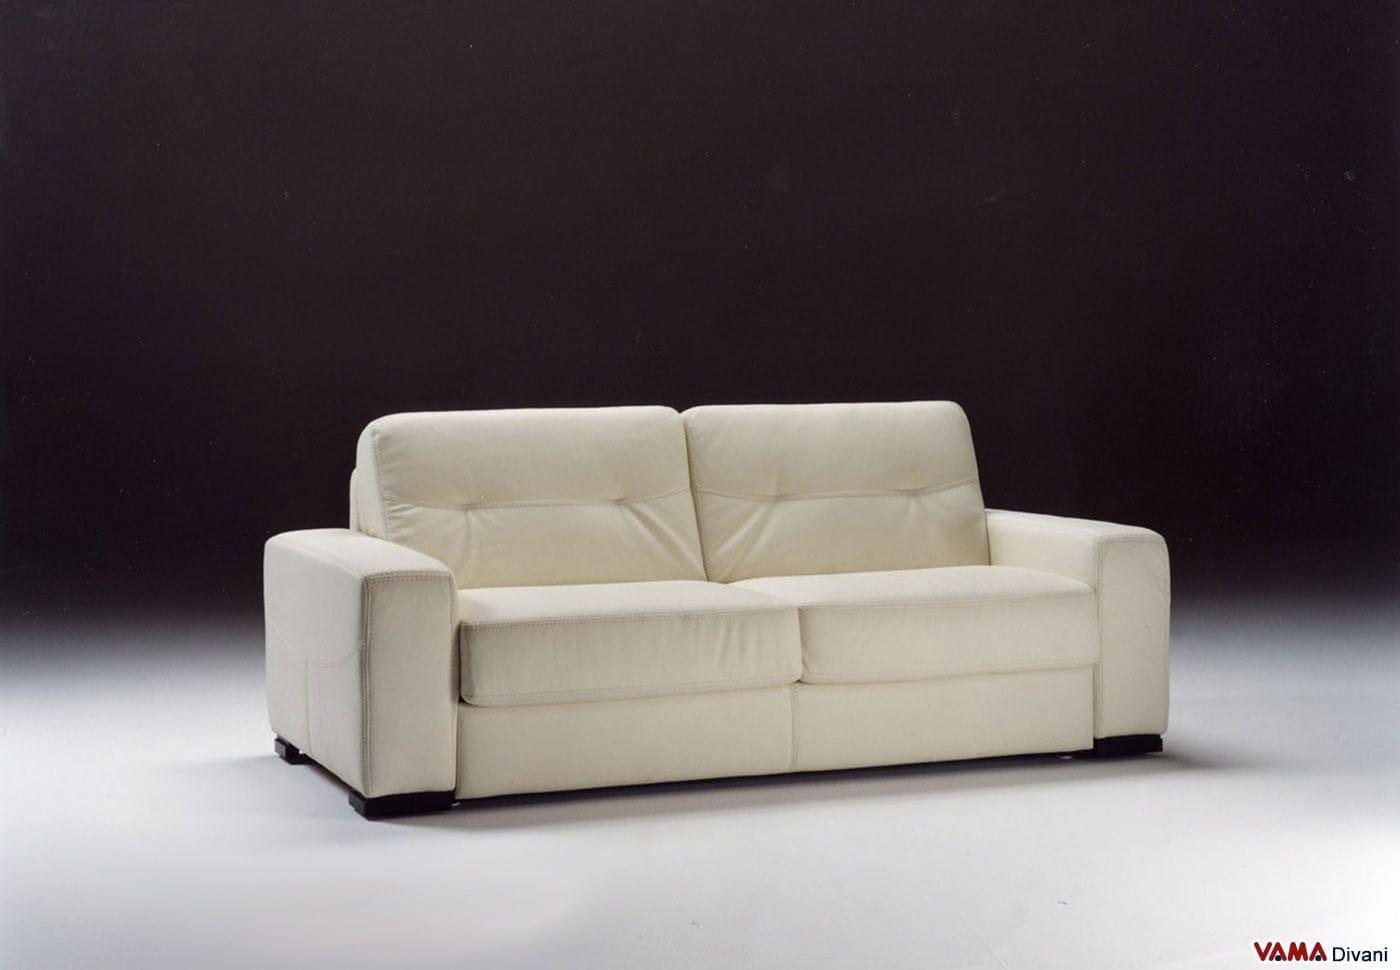 Divano letto in pelle lido a vama divani for Divani e divani divani letto